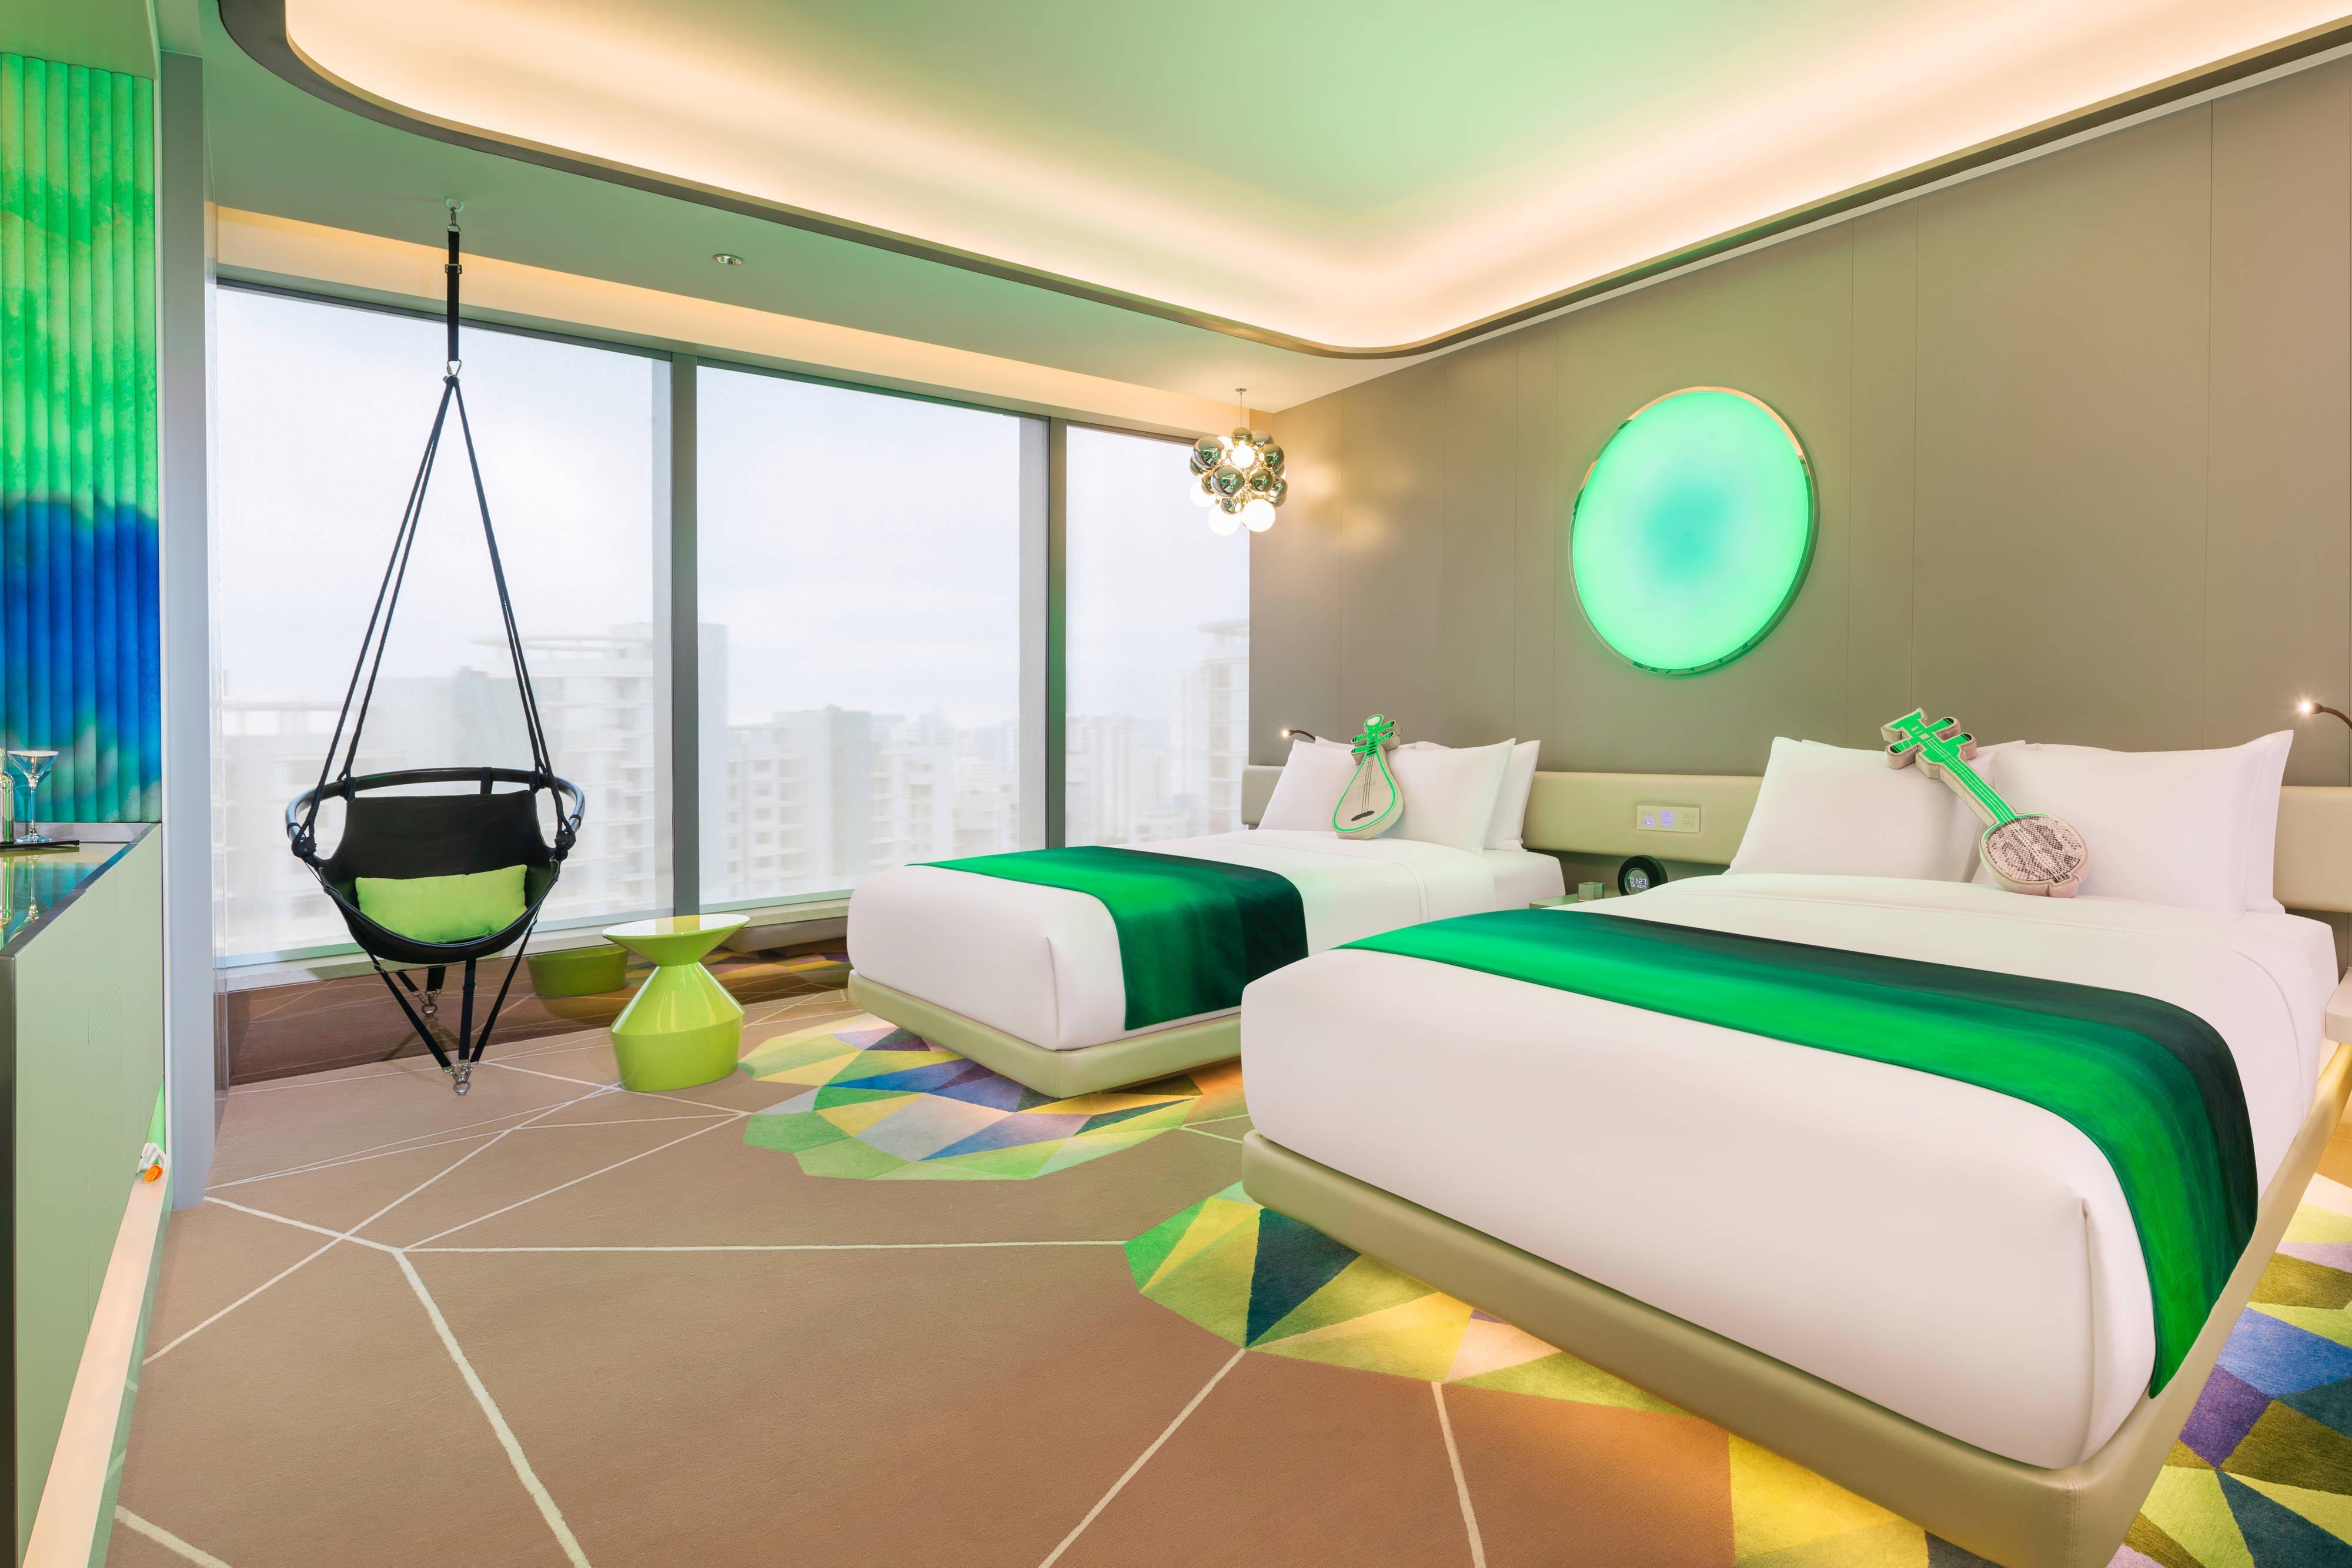 Wonderful Room Bedroom